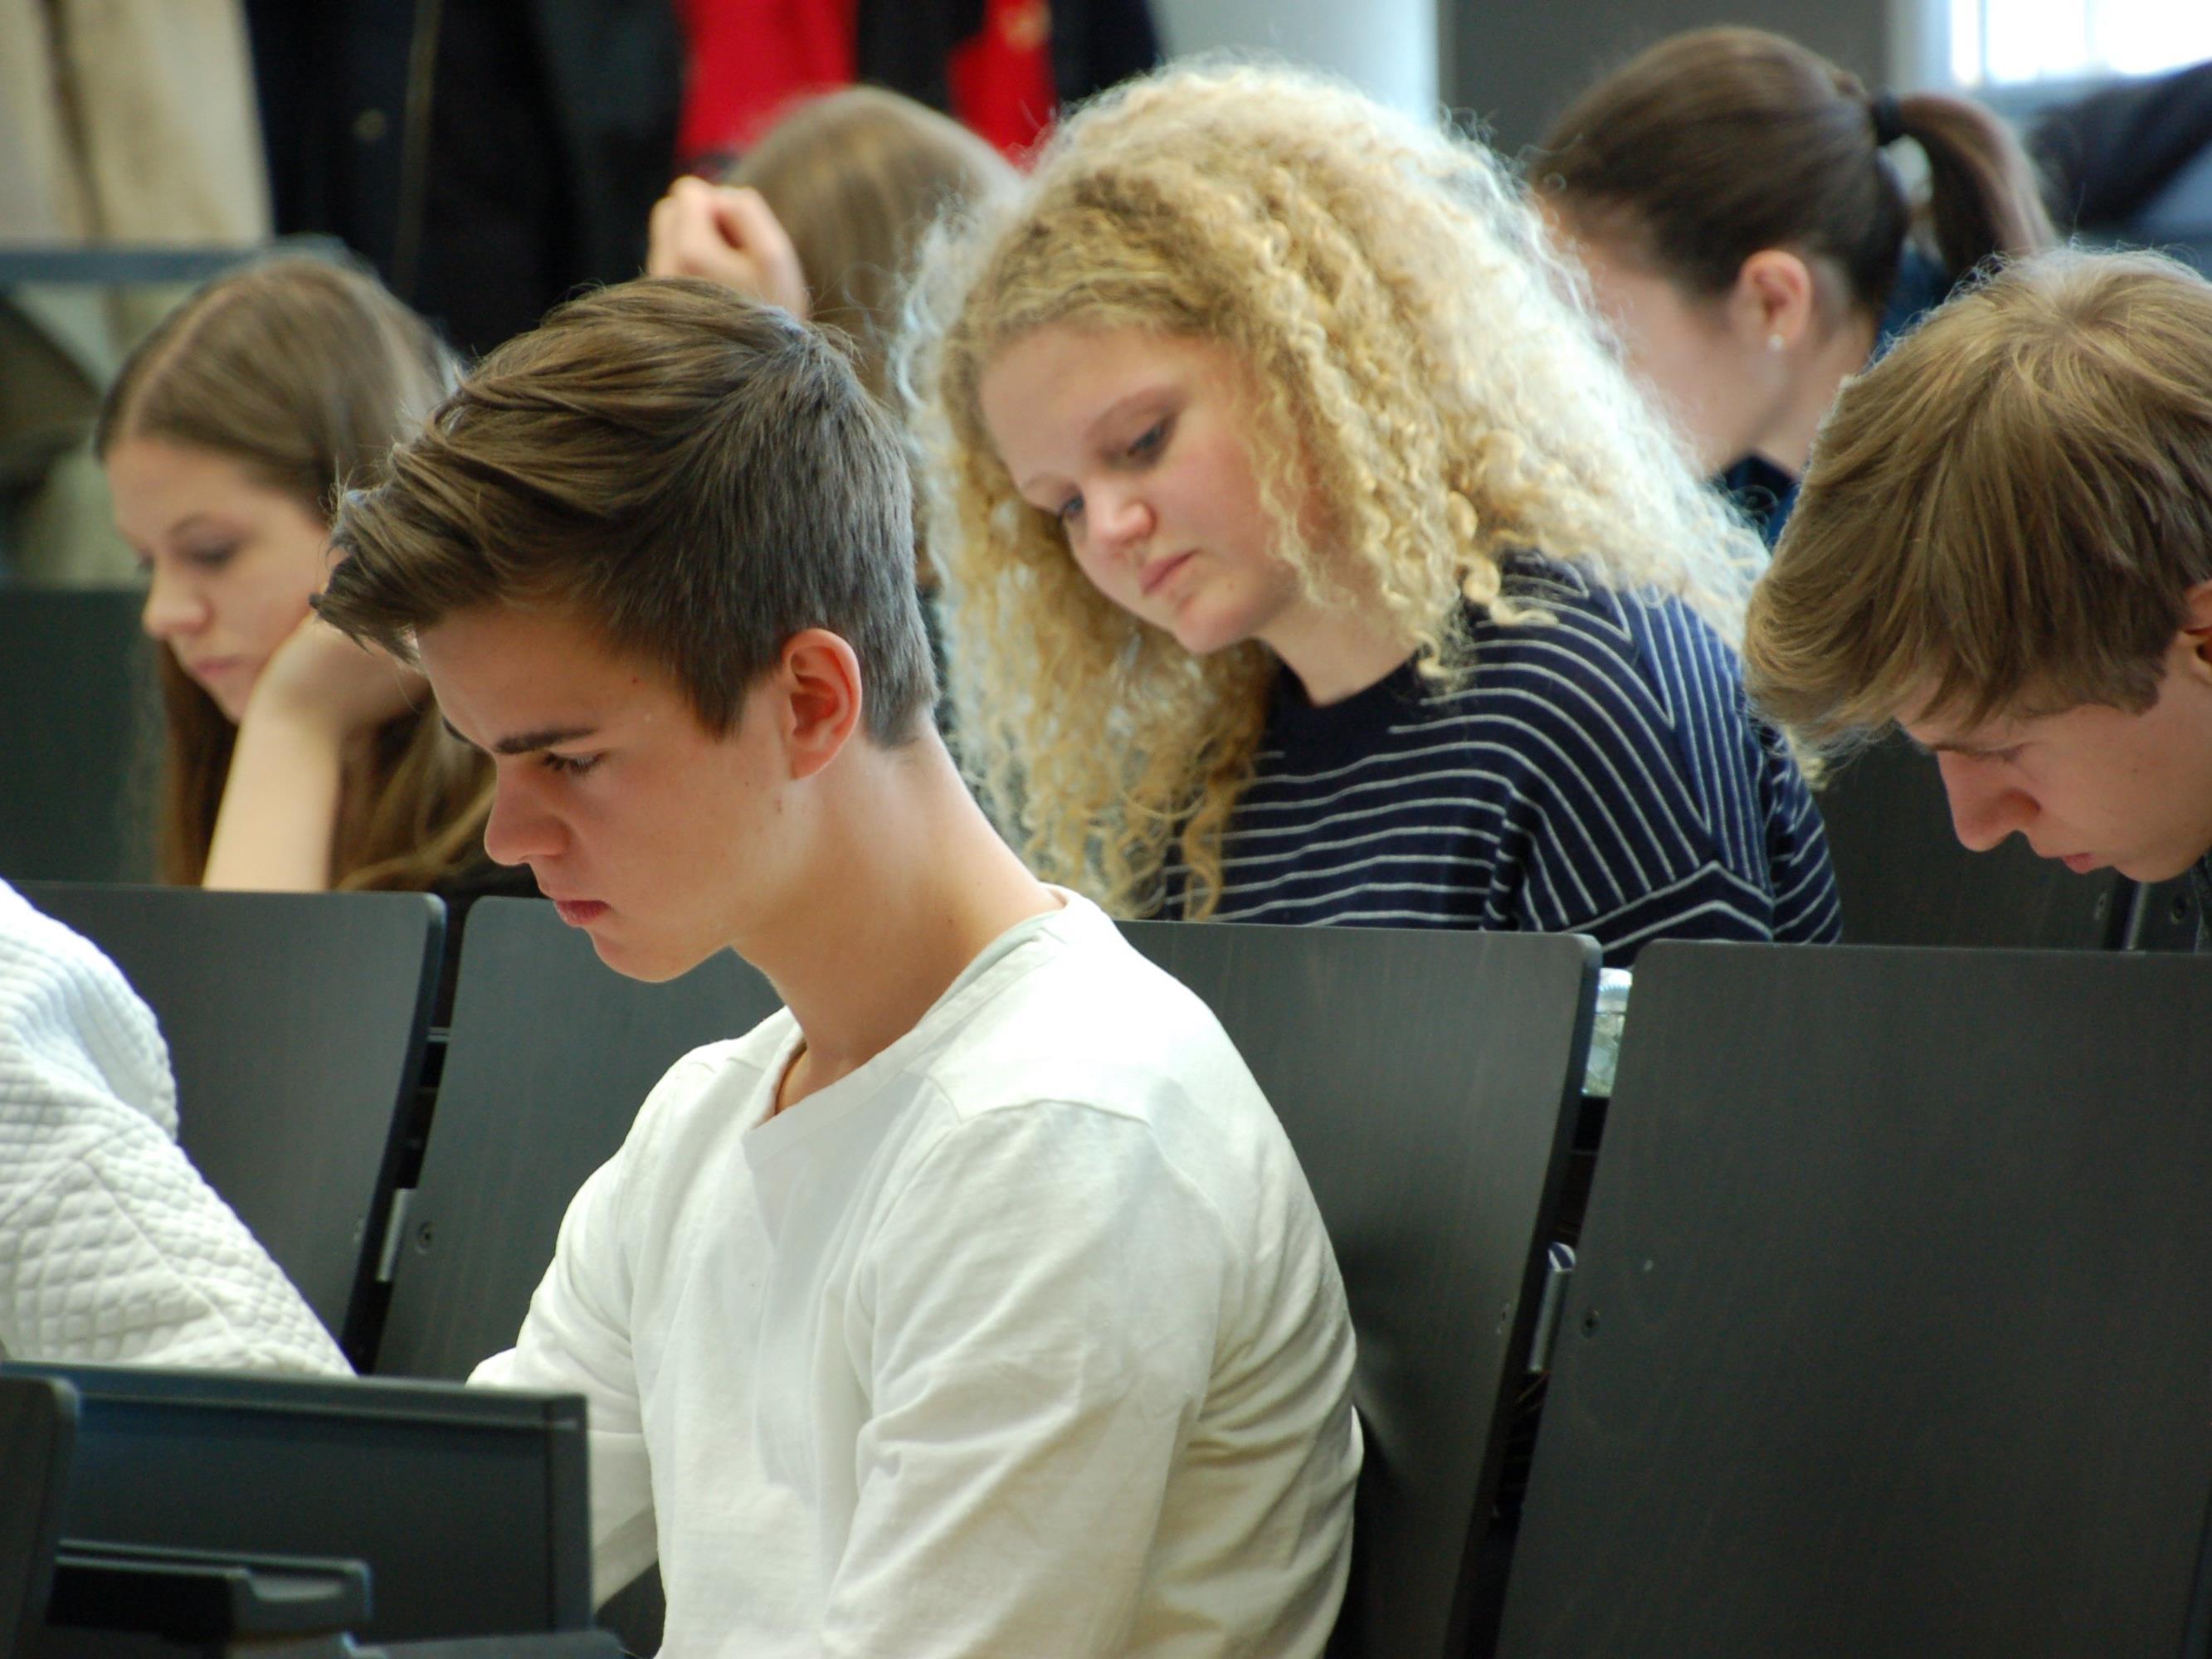 Über 130 junge Vorarlbergerinnen und Vorarlberger haben am Probetest für den Aufnahmetest zum Medizinstudium teilgenommen.